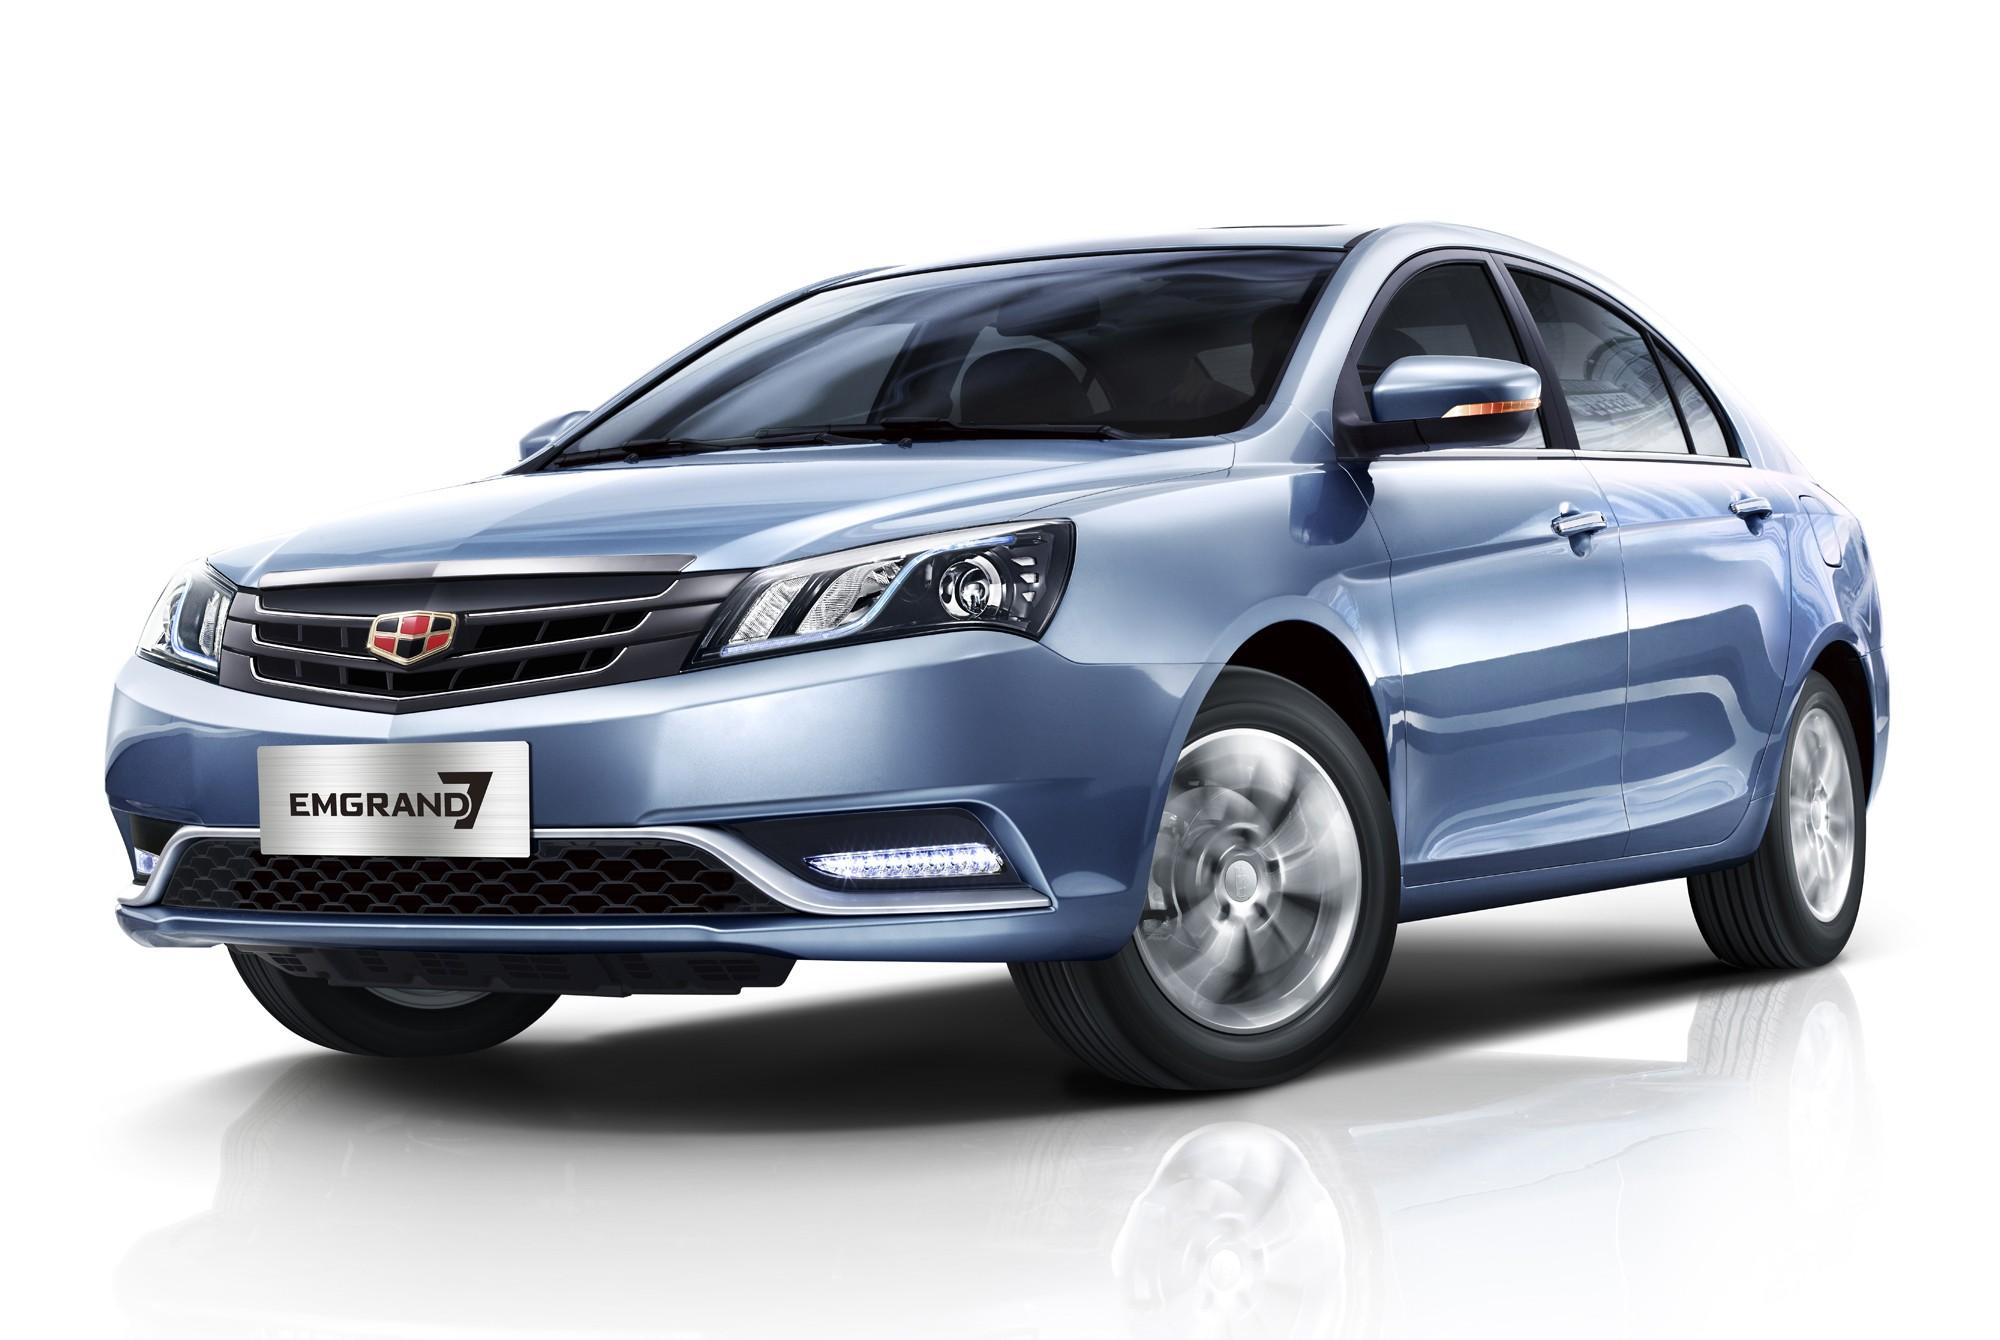 Компания Geely Auto побила рекорды продаж китайского автопрома